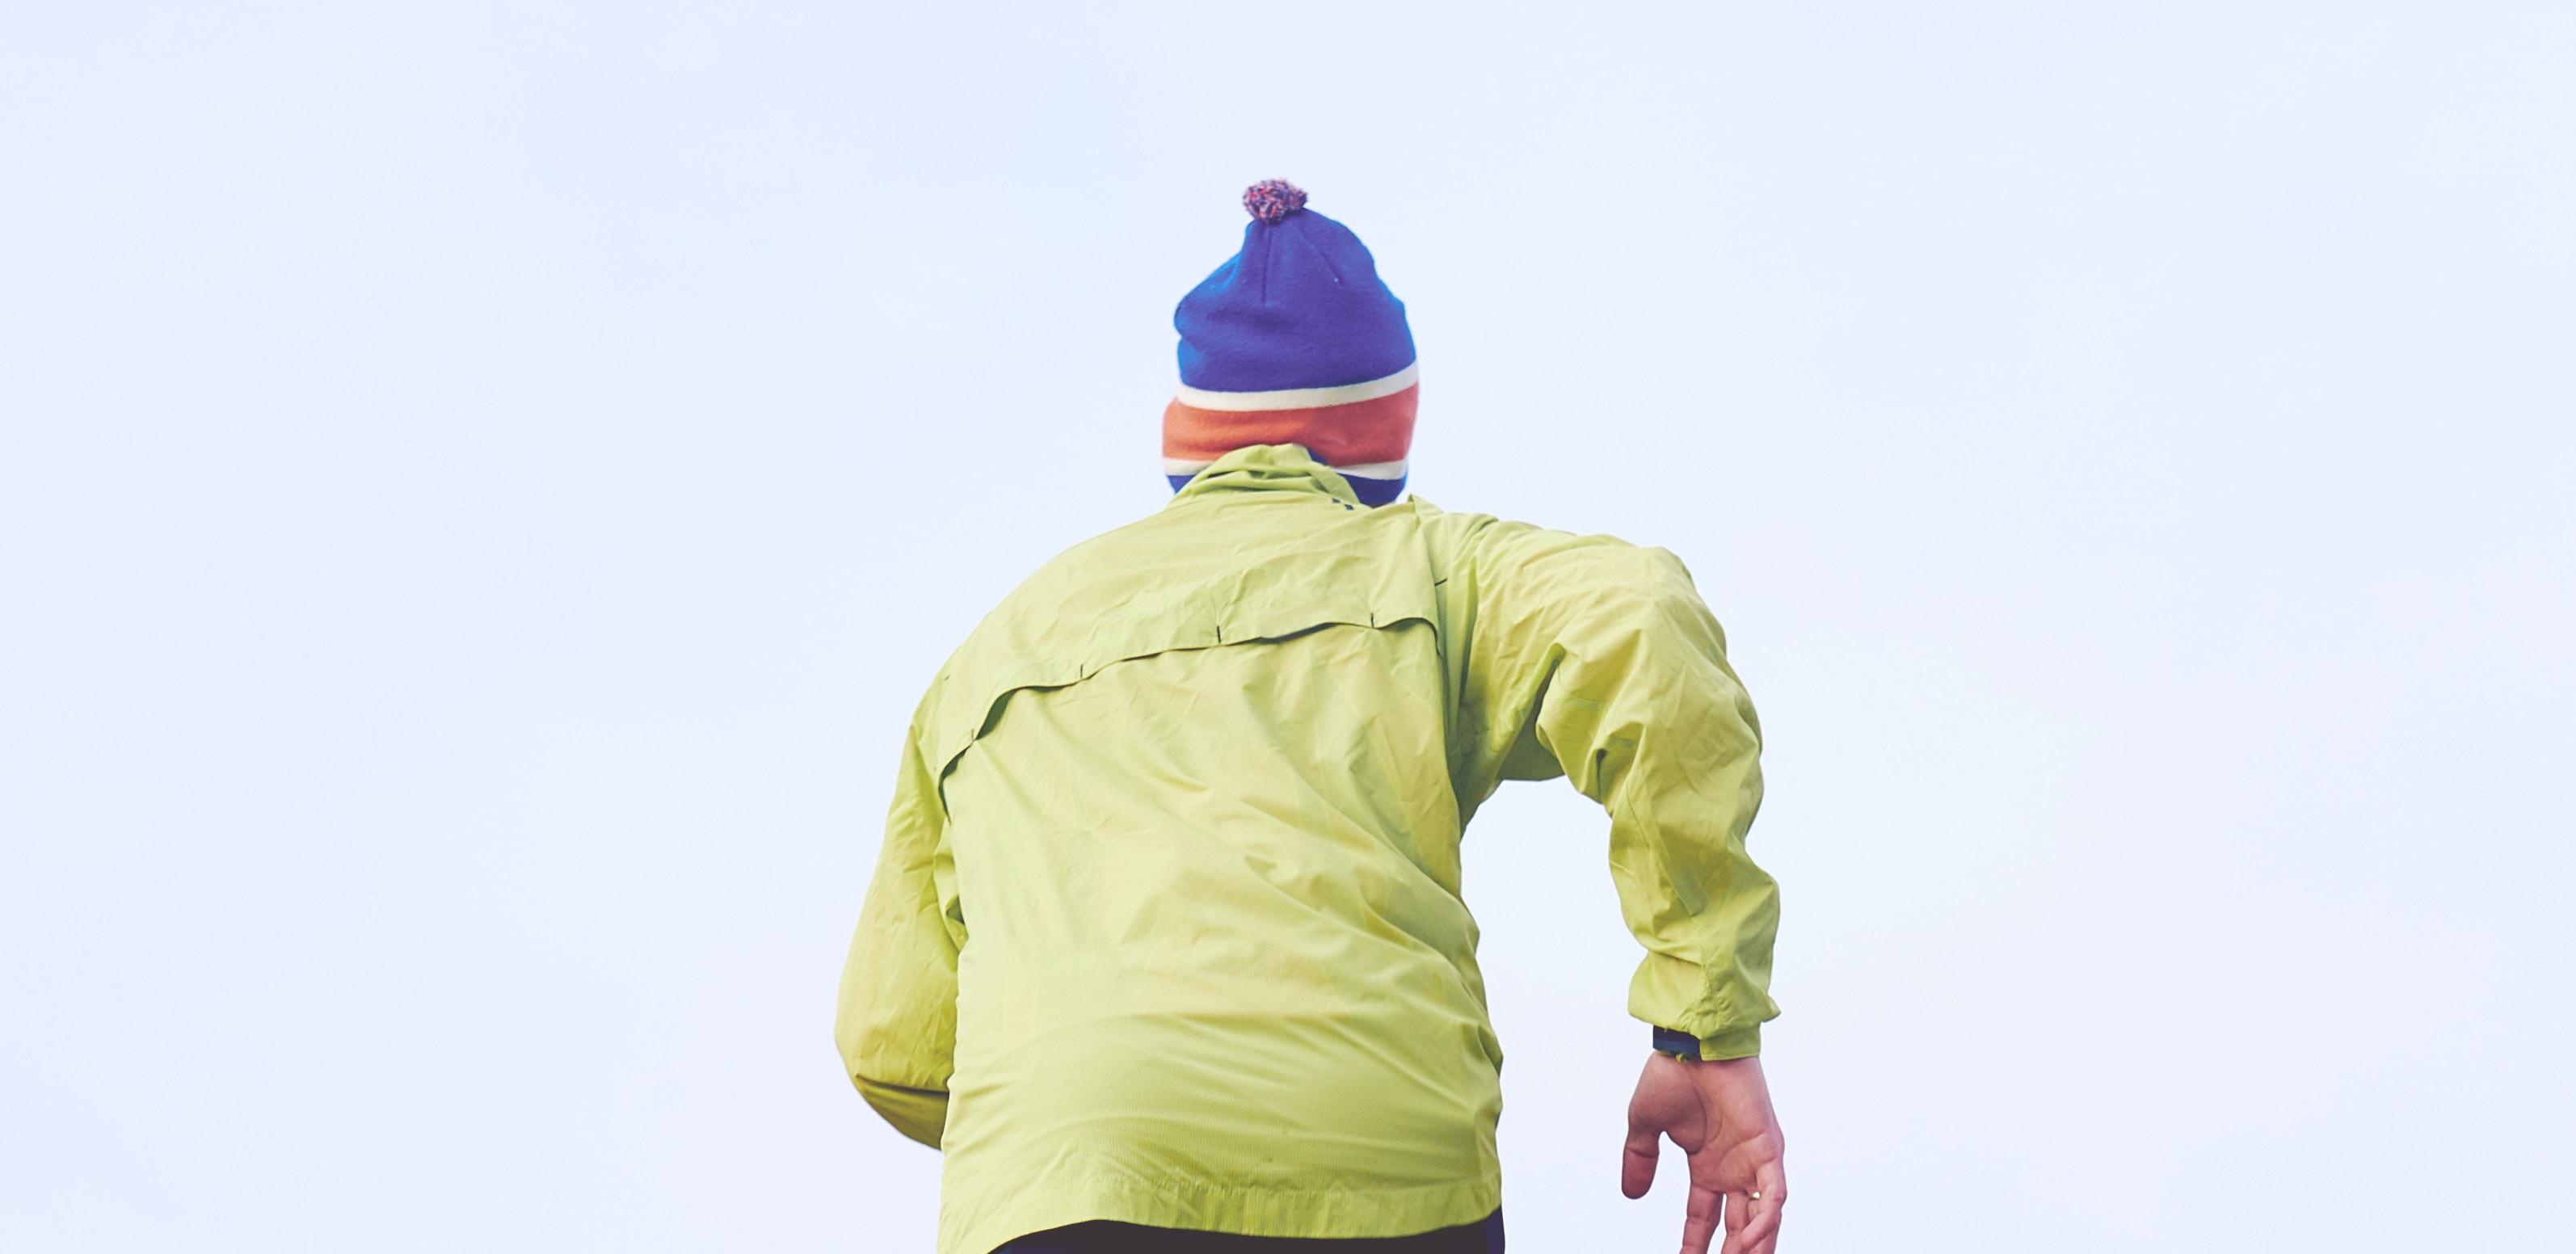 Abbigliamento Sportivo E Tessile Tecnico Dinamiche Di Crescita Particolarmente Accelerate A Livello Italiano E Soprattutto Internazionale Exportplanning